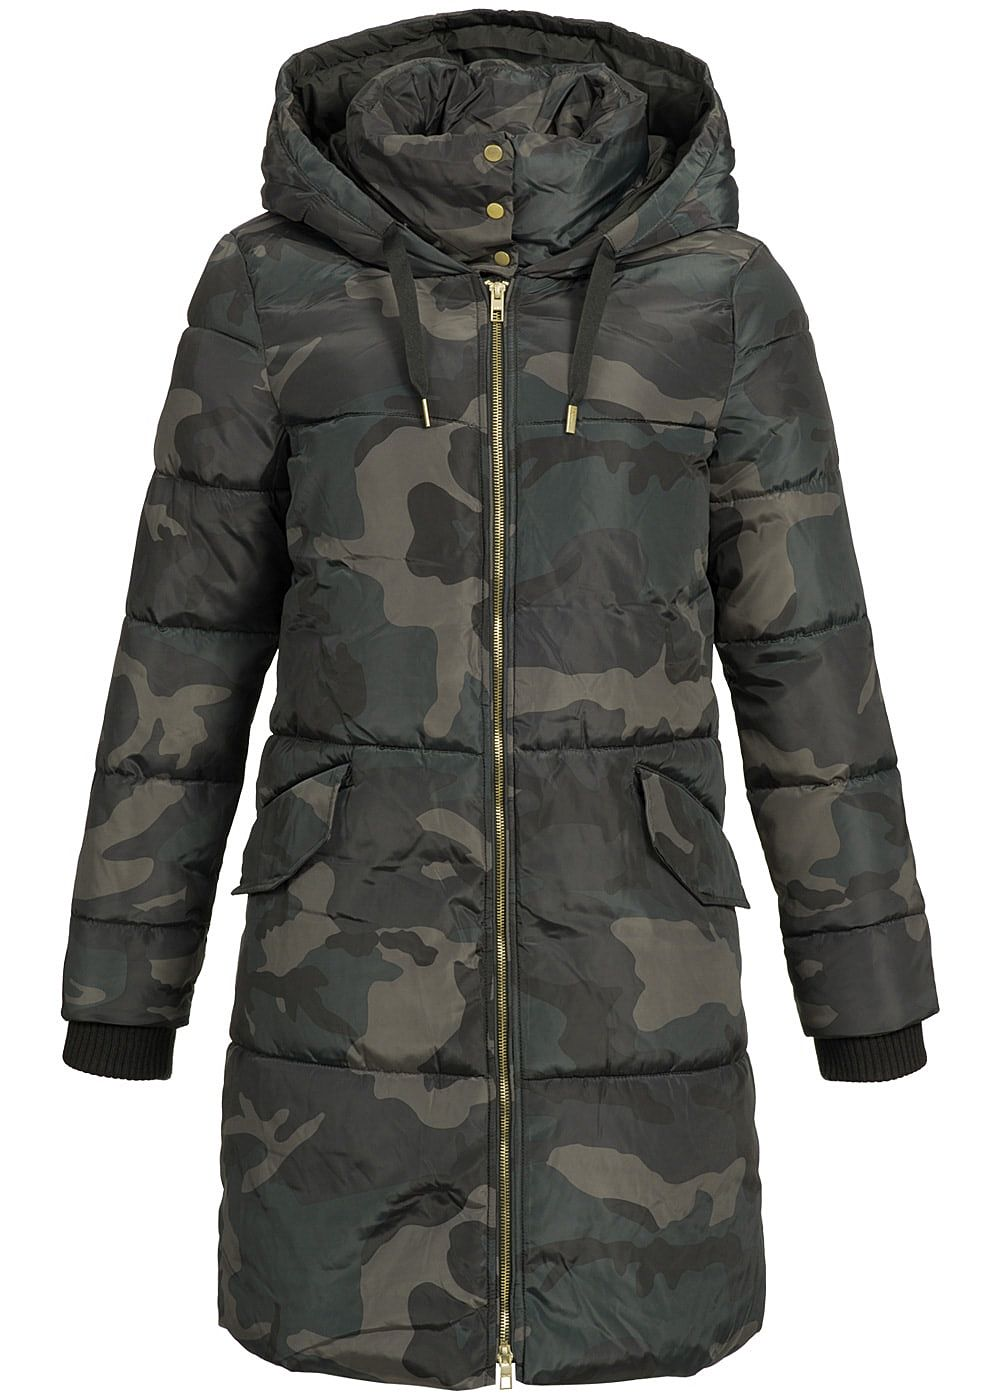 only damen winter mantel kapuze 2 taschen moonless camouflage 77onlineshop. Black Bedroom Furniture Sets. Home Design Ideas